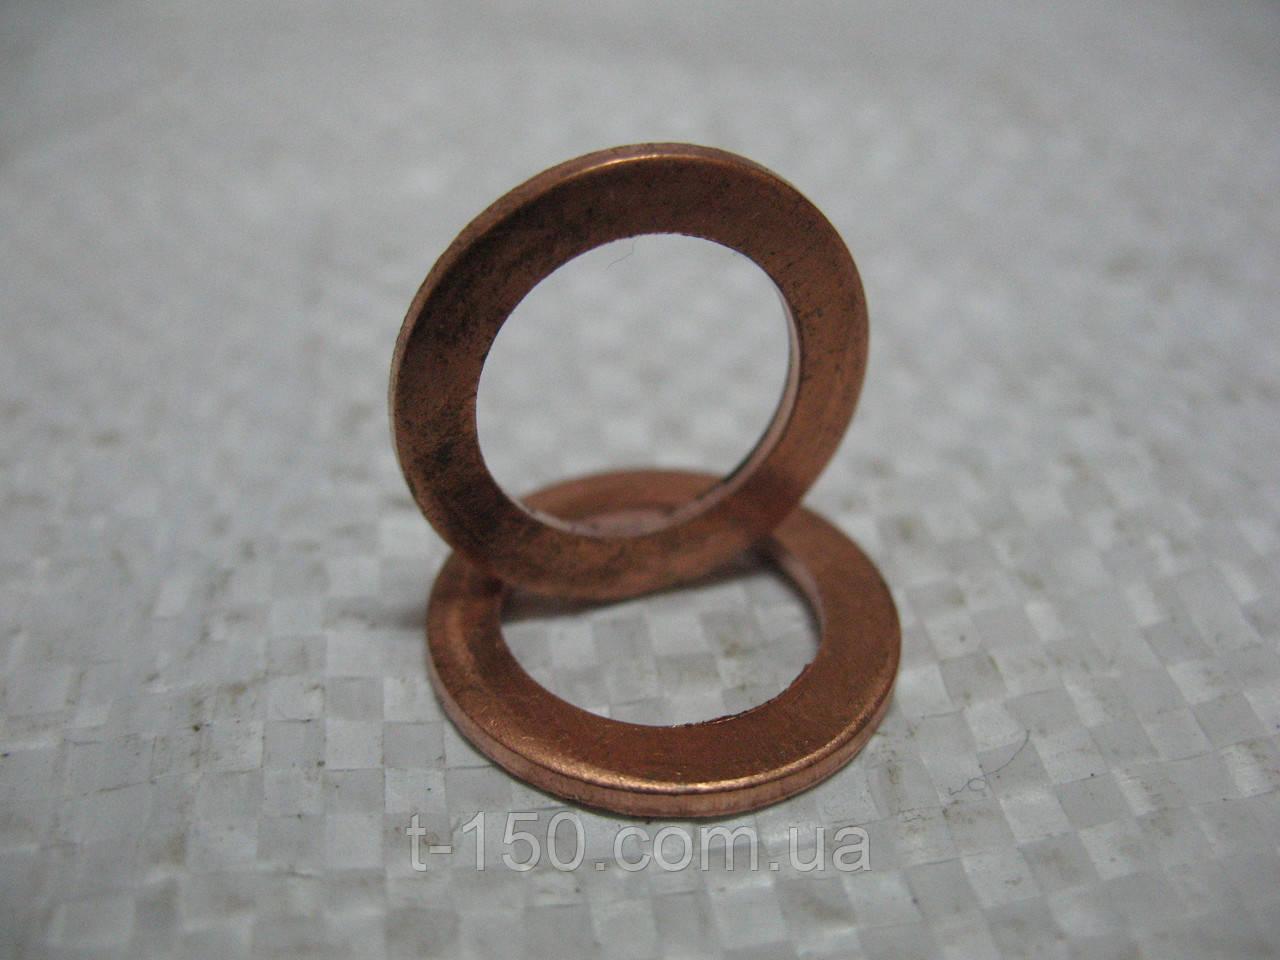 Шайба (медь) 9х15 (1.5) (под распылитель) 1шт. (поштучно)